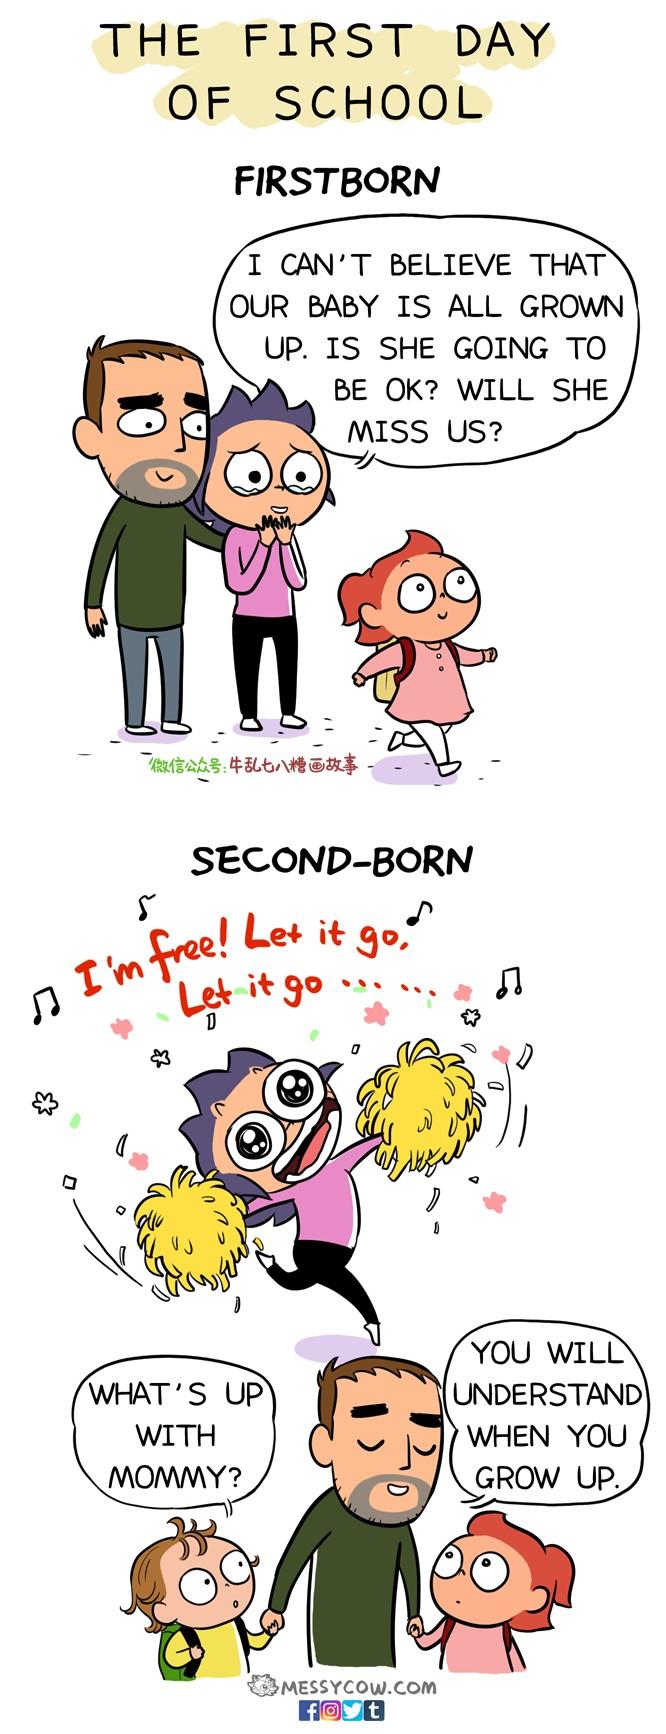 11張媽媽「生兩胎心很累」的前後對比圖 第一胎當寶貝,第二胎就隨便?